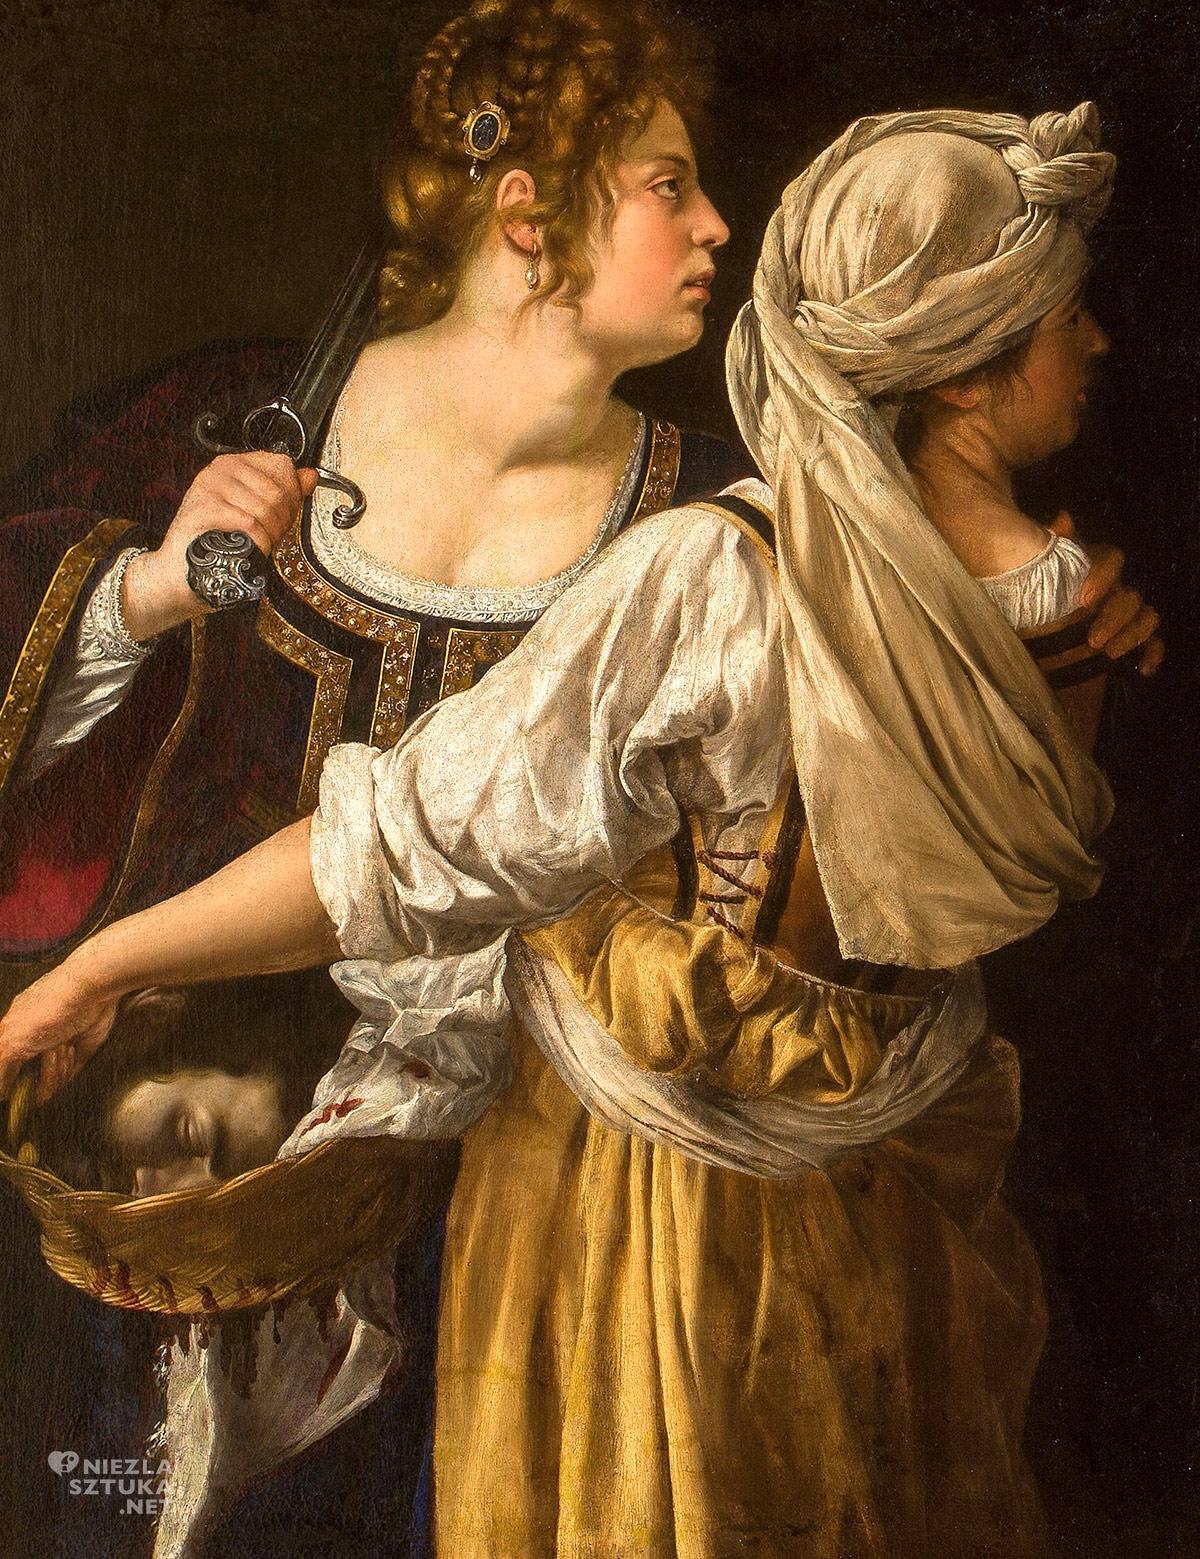 Artemisia Gentileschi, Judyta ze służącą, malarstwo barokowe, Niezła Sztuka